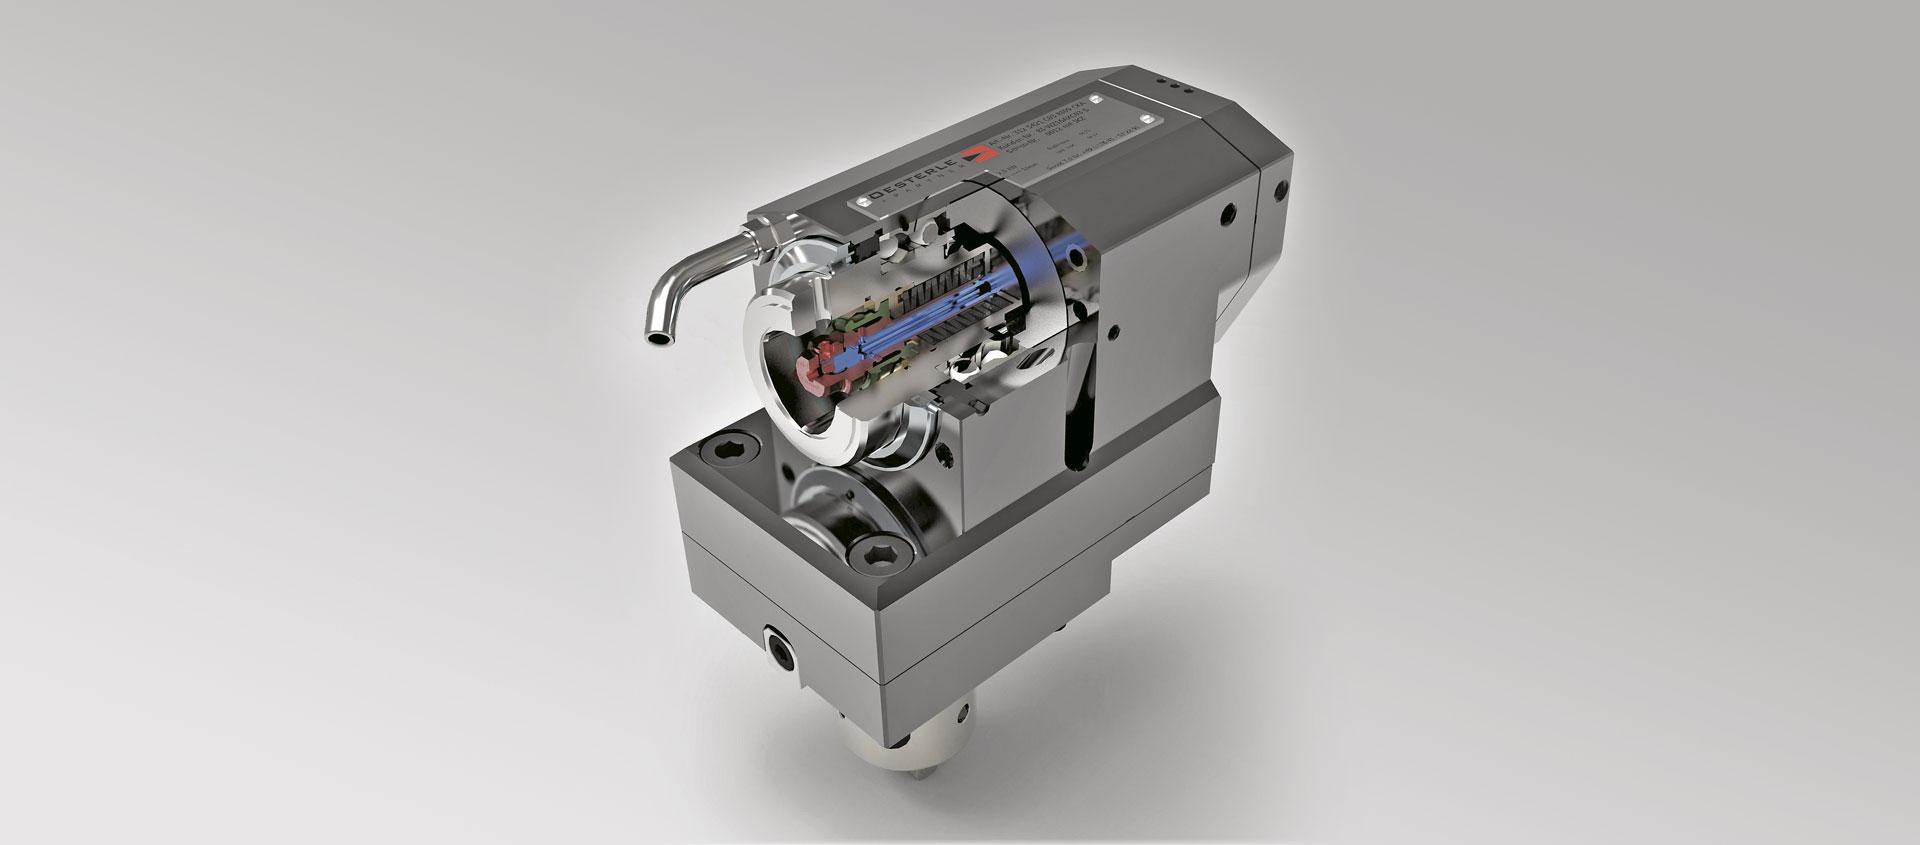 Drehmaschine Biglia Schnellwechselsystem Capto Oesterle + Partner